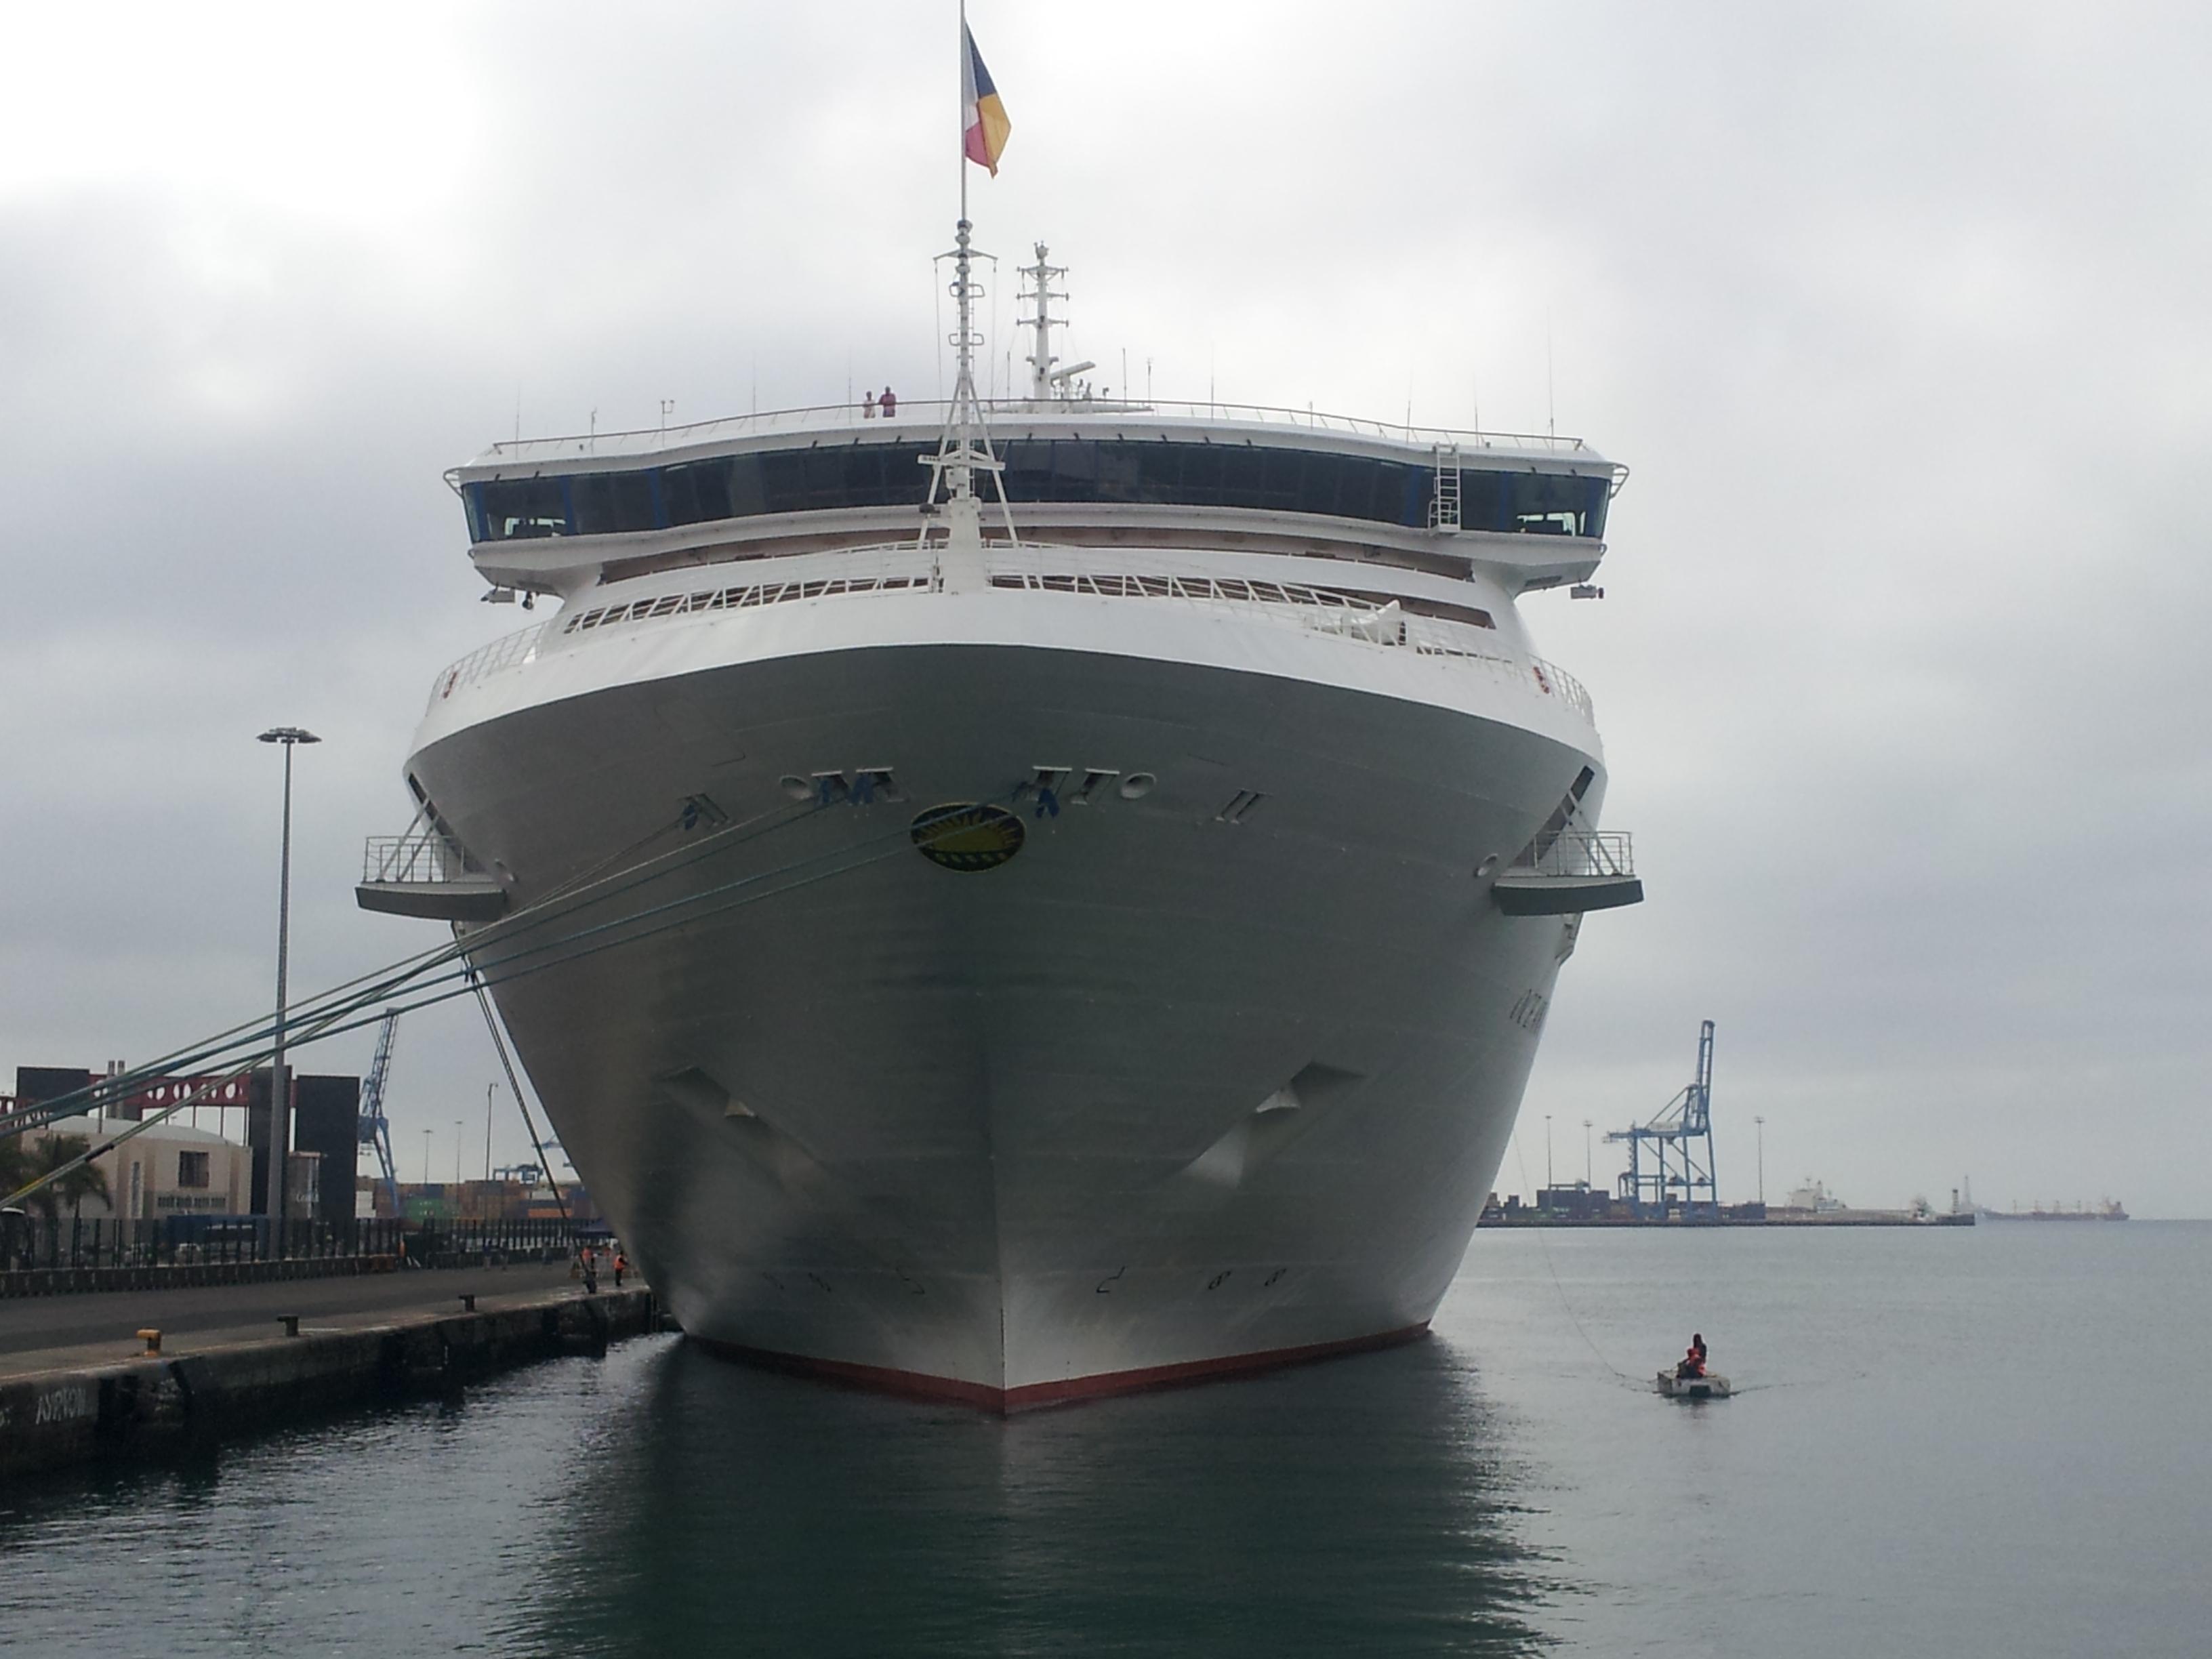 Solo Cruising With PO Cruises CruiseMiss Cruise Blog - Solo cruises